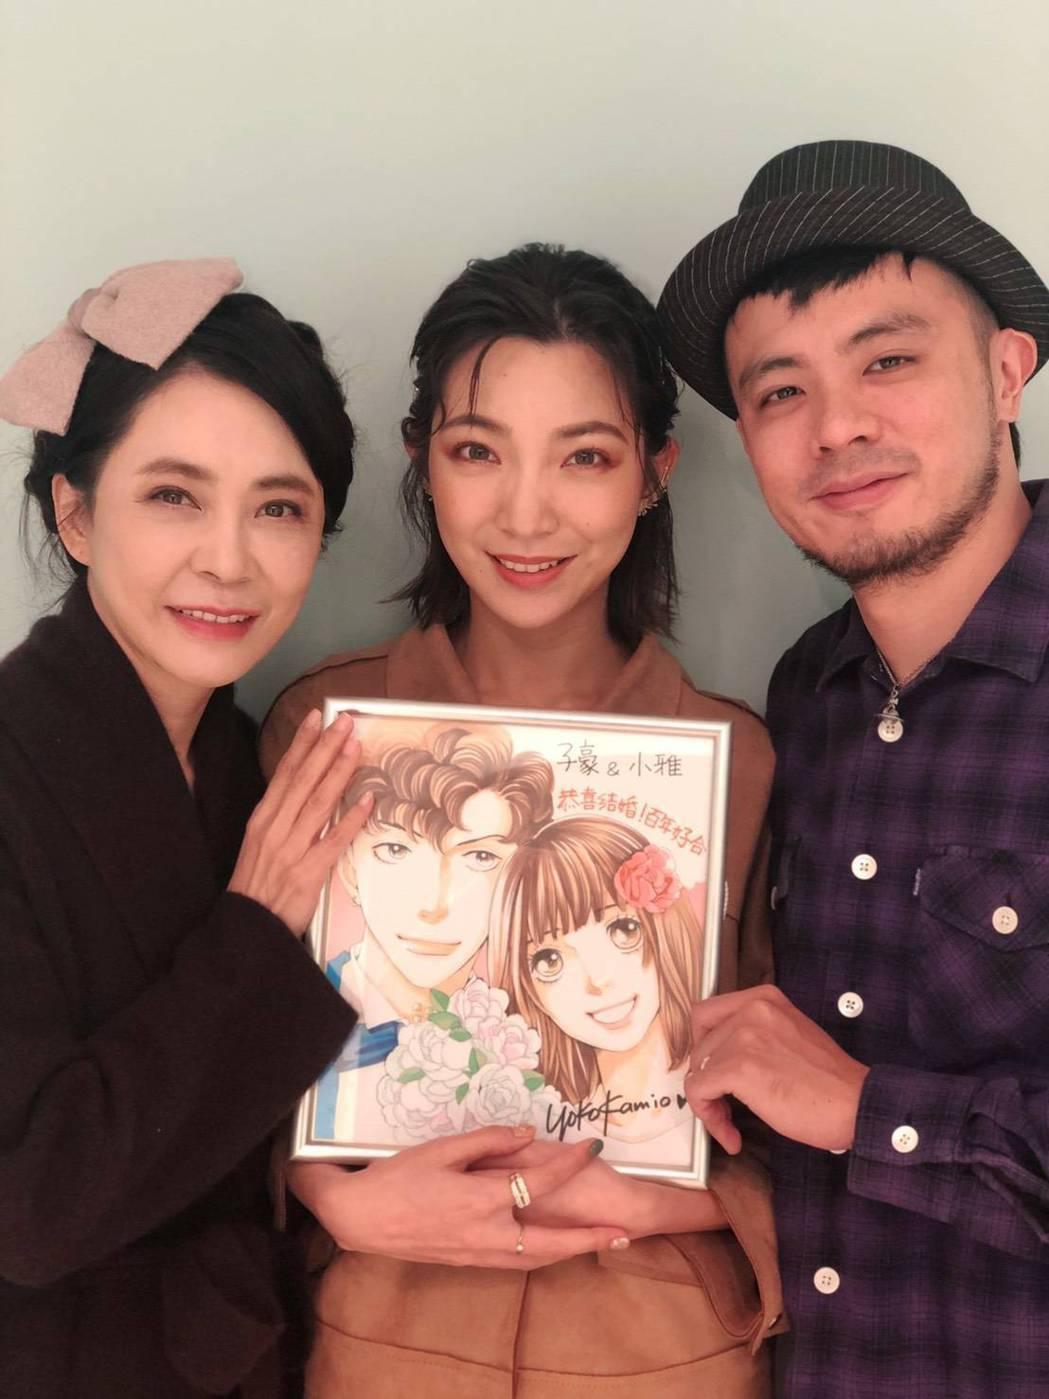 「流星花園」原著漫畫家神尾葉子特別親筆作畫送給高雋雅當作新婚禮物。圖/海納百川提...